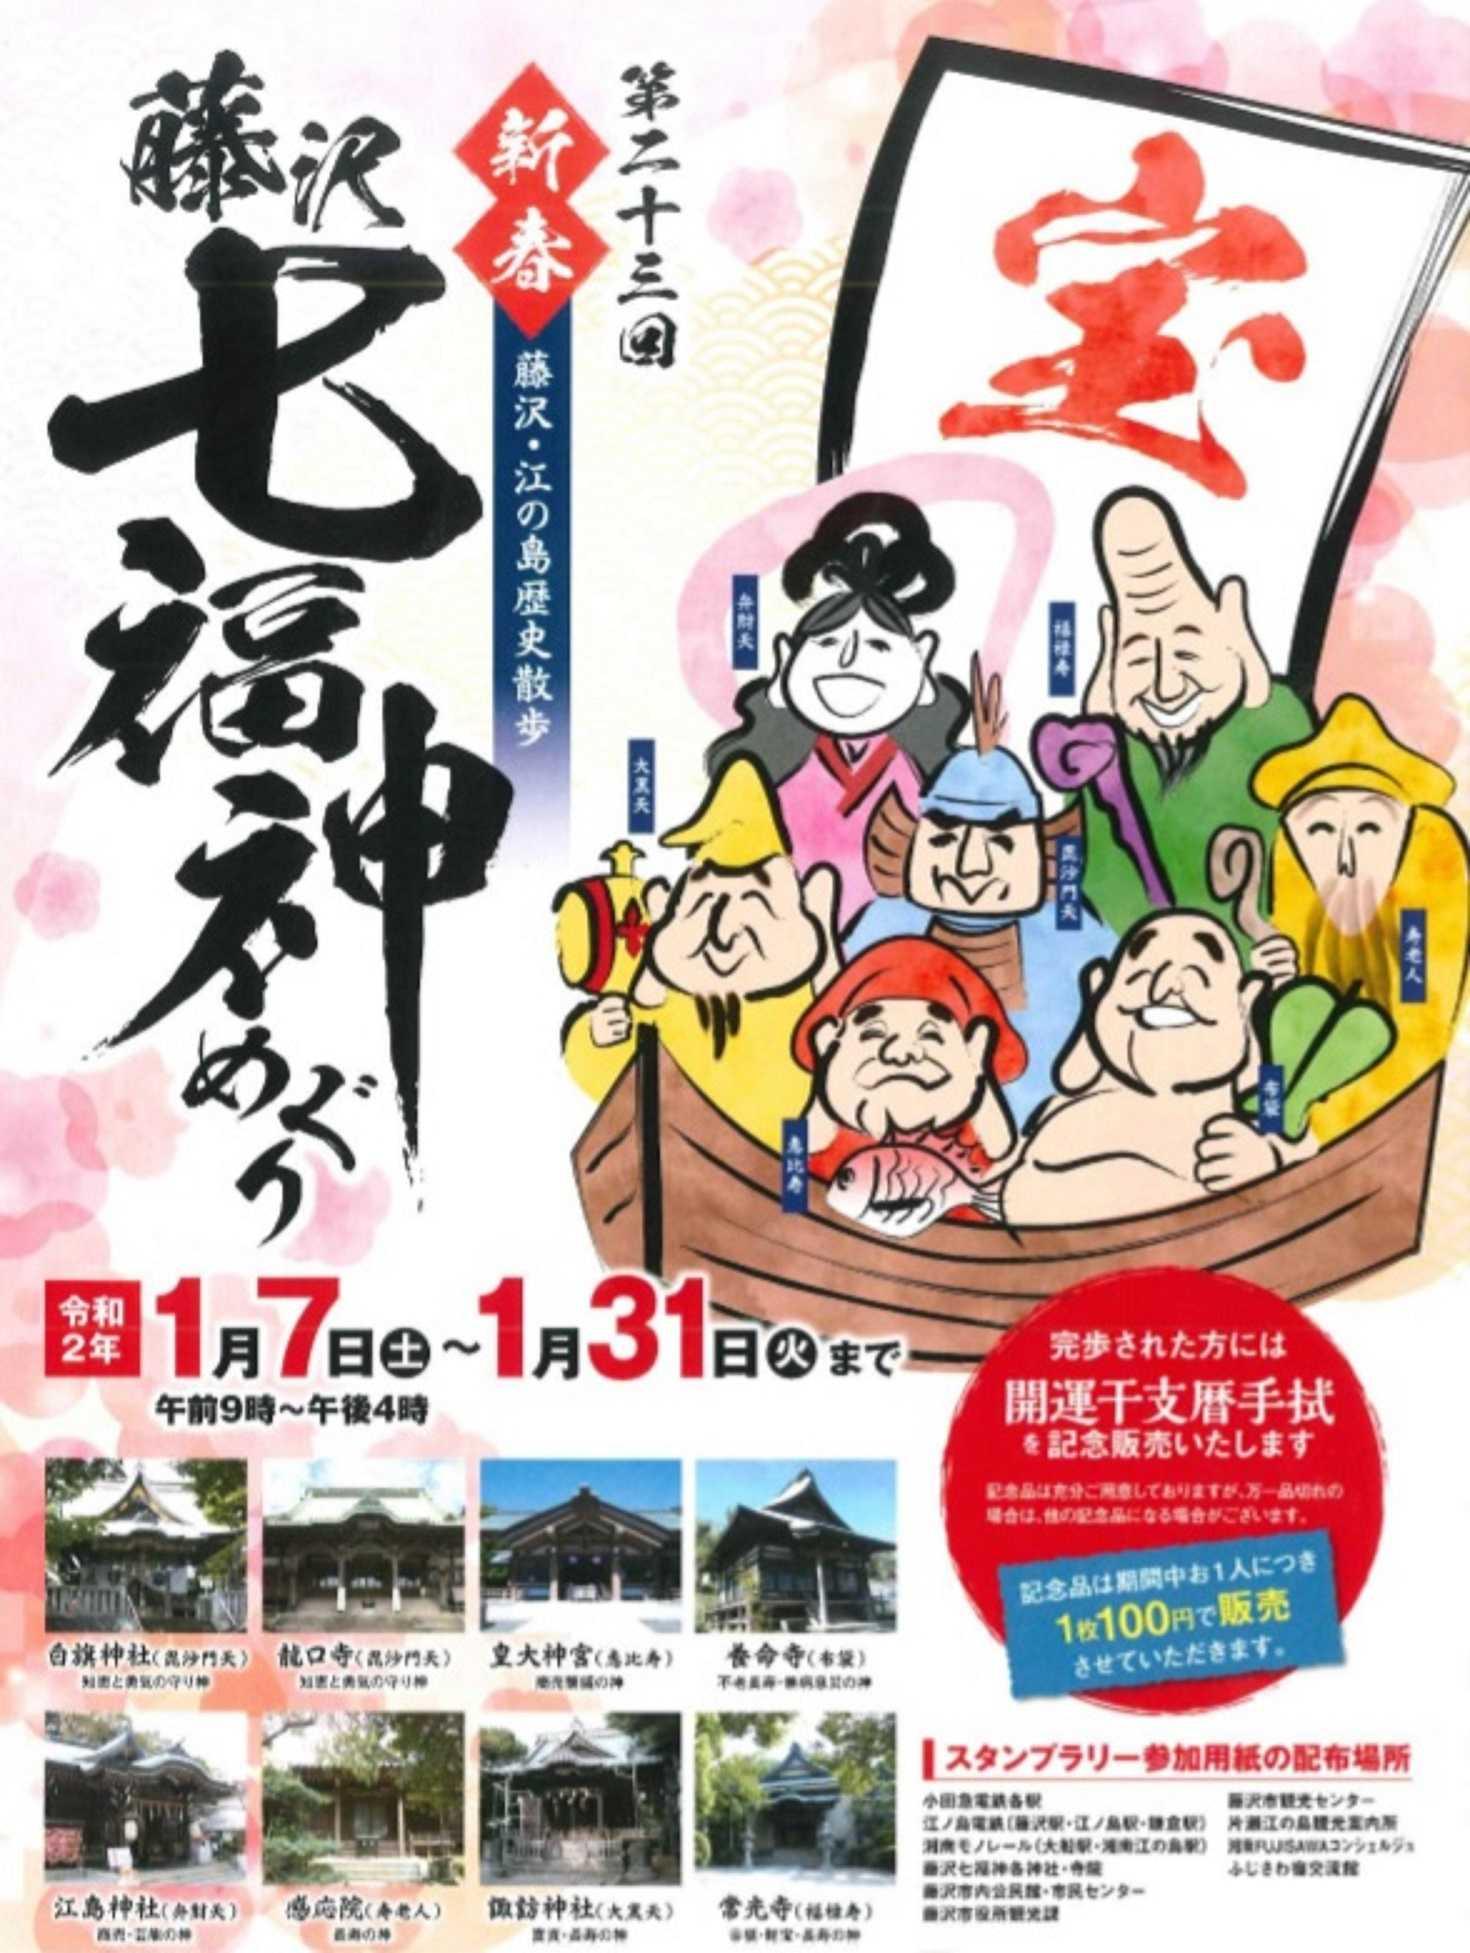 第23回 新春藤沢・江の島歴史散歩